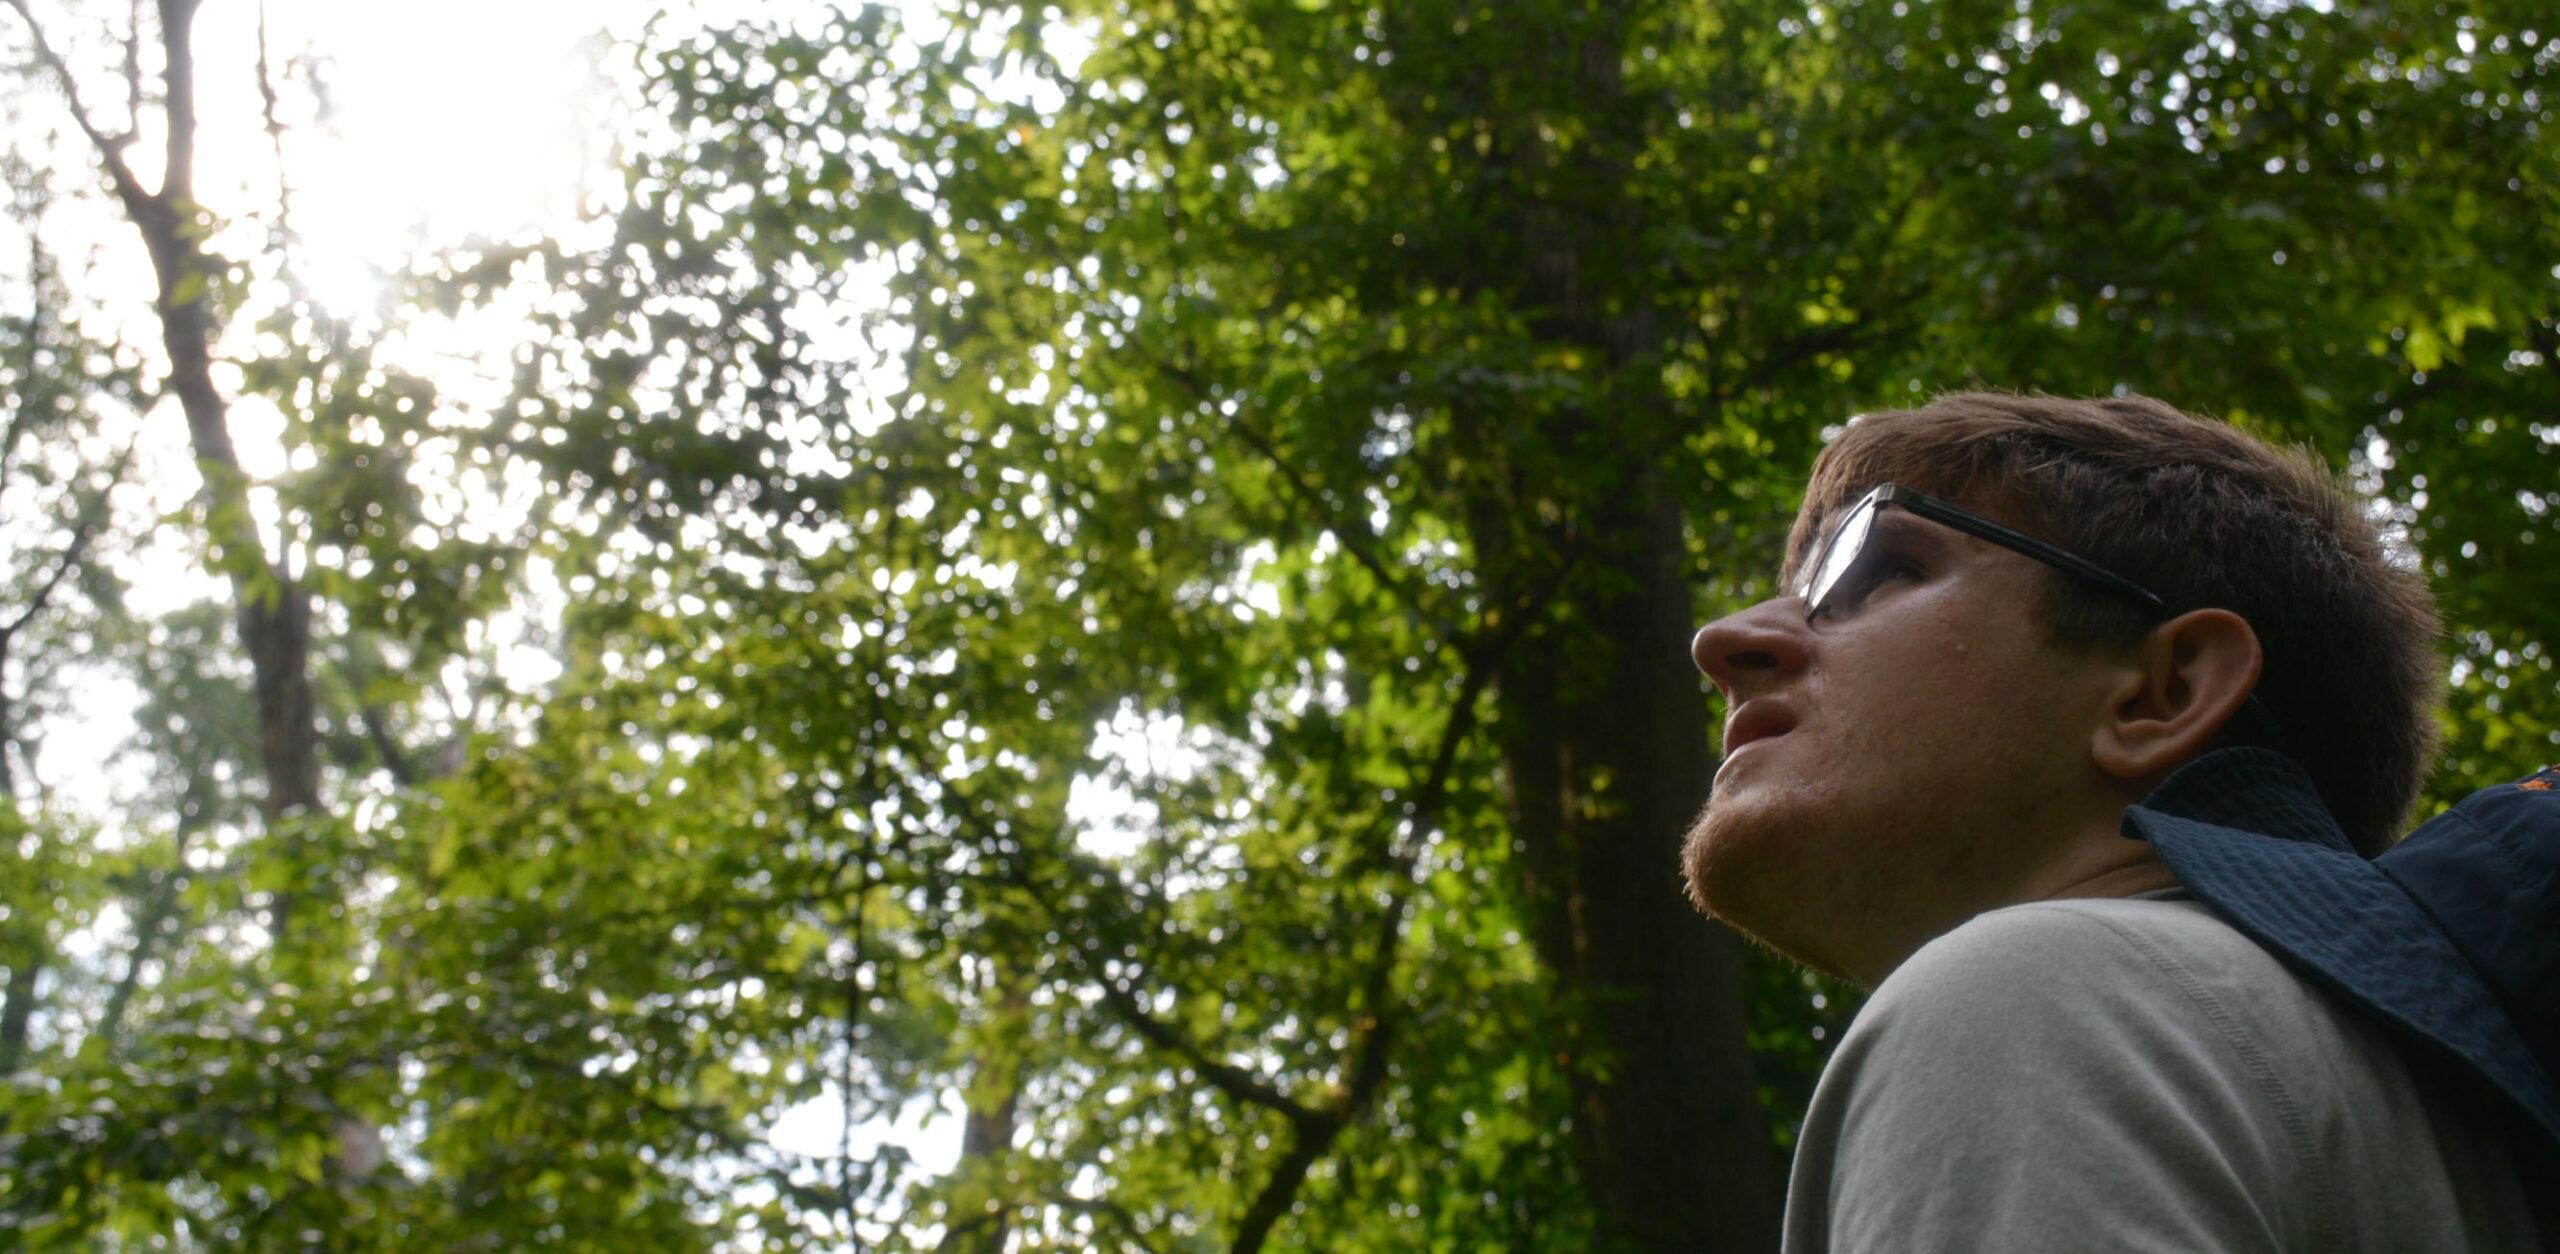 Joe Kawalec looking up at the trees